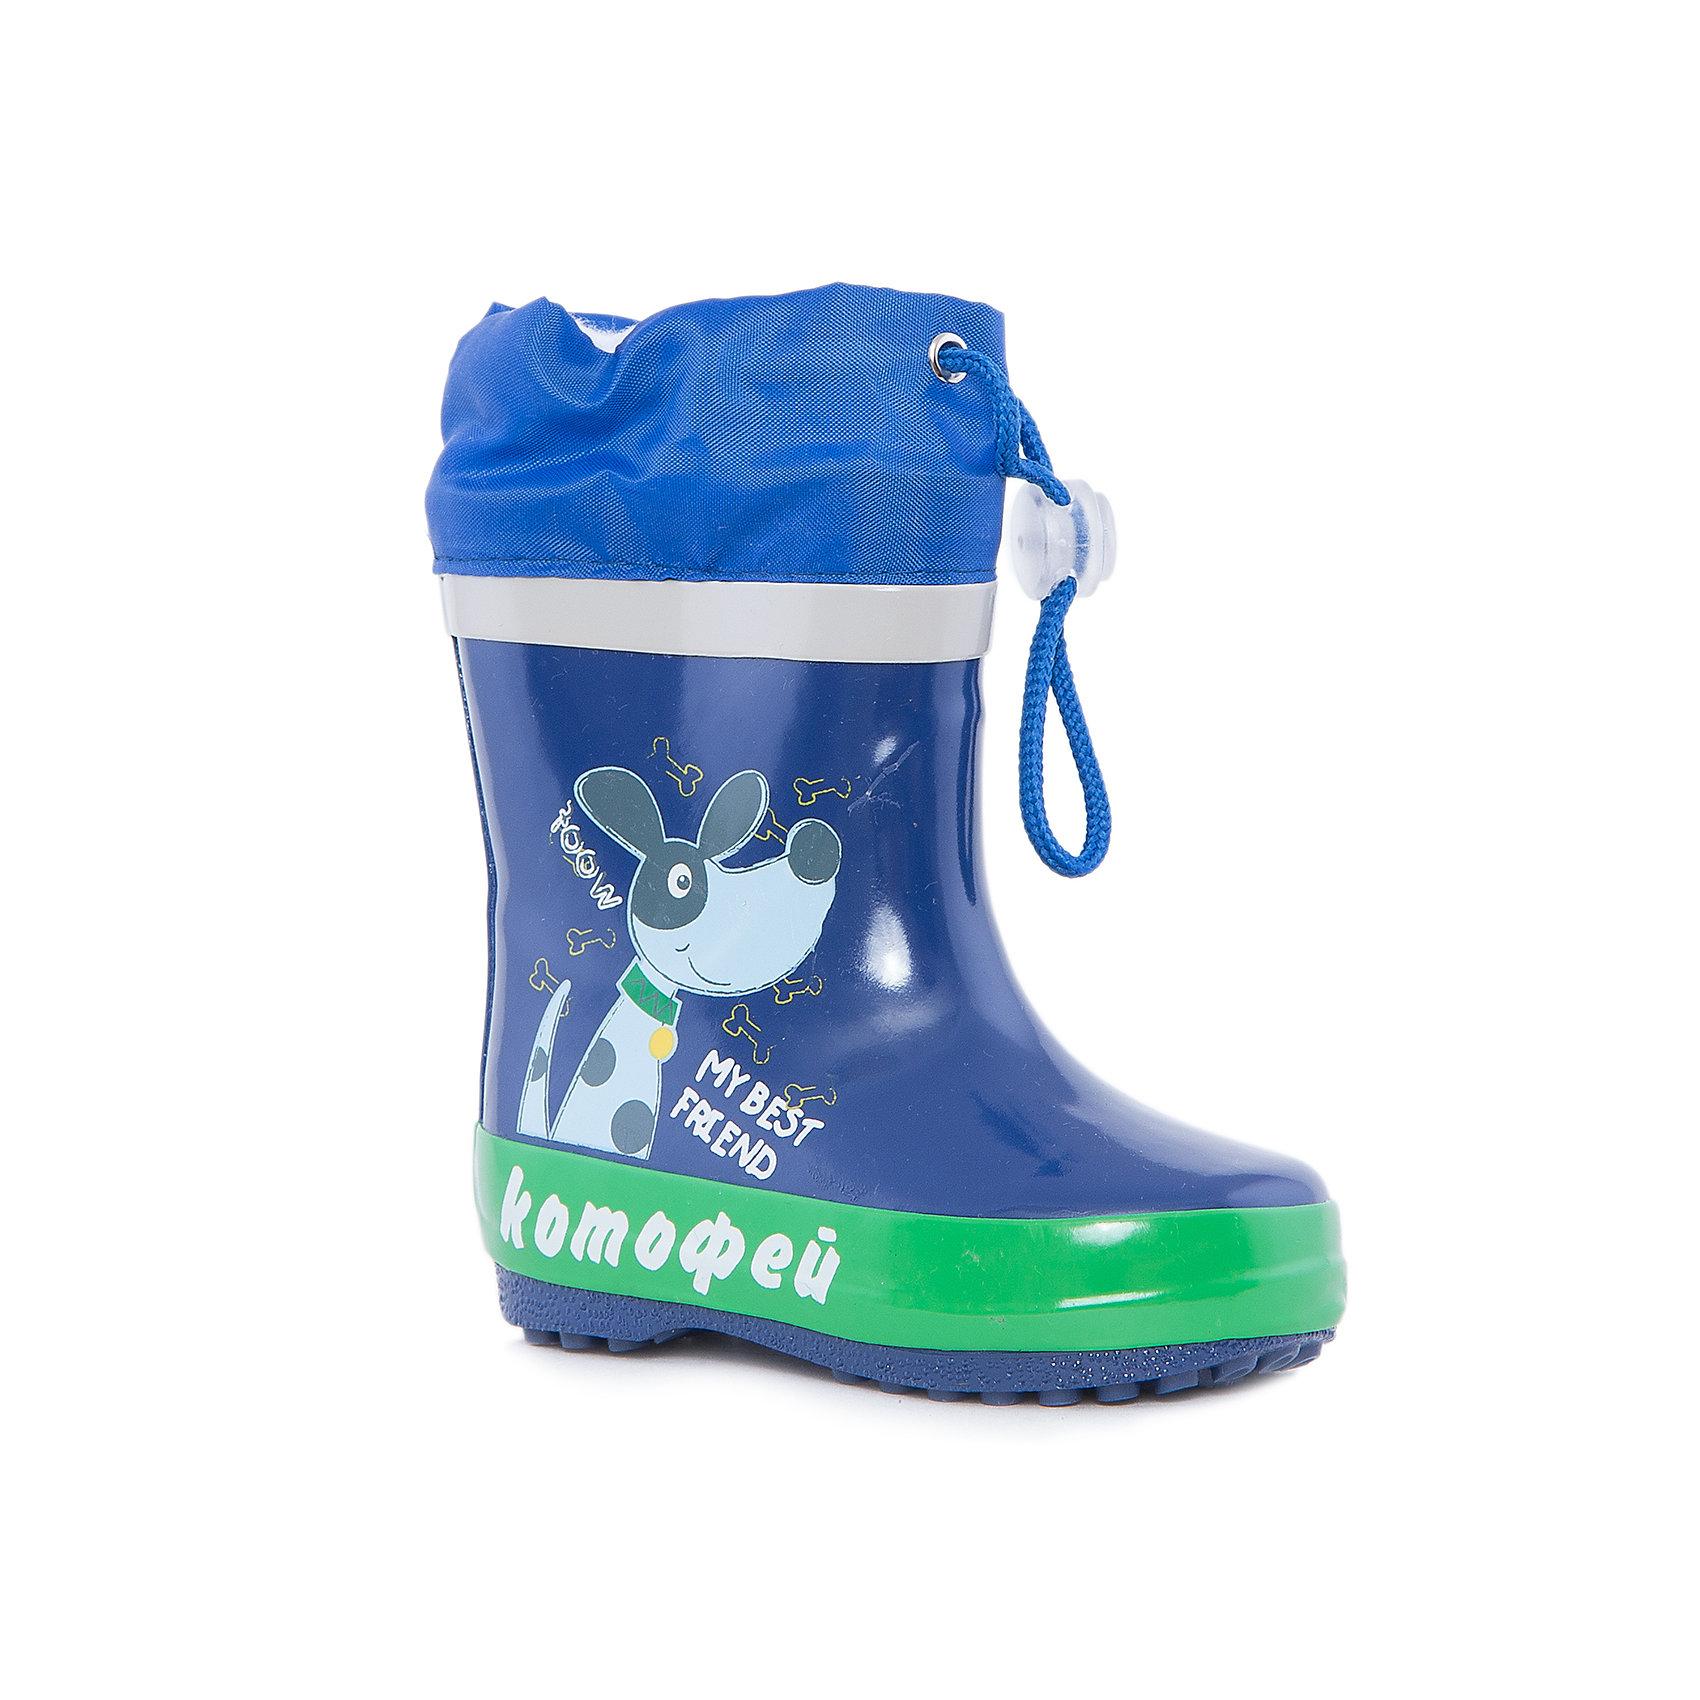 Резиновые сапоги для мальчика КотофейРезиновые сапоги<br>Котофей – качественная и стильная детская обувь по доступным ценам. С каждым днем популярность бренда растет.  Резиновые сапожки – незаменимая вещь для осенней погоды. Теперь маленький непоседа может изучать лужи без риска промочить ножки и простудиться. Милый, современный дизайн оценят все юные модники. Яркие цвета сочетаются с любой одеждой, что позволяет создать множество стильных образов.<br><br>Дополнительная информация:<br><br>цвет: сине-зеленый;<br>вид крепления: горячая вулканизация;<br>застежка: шнур с фиксатором;<br>температурный режим: от 0° С до +15° С.<br><br>Состав:<br>верх – резина;<br>подкладка - текстиль;<br>подошва - плотная резина.<br><br>Ясельно-малодетские сапоги для мальчика из резины от фирмы  Котофей можно приобрести в нашем магазине.<br><br>Ширина мм: 257<br>Глубина мм: 180<br>Высота мм: 130<br>Вес г: 420<br>Цвет: синий/зеленый<br>Возраст от месяцев: 12<br>Возраст до месяцев: 15<br>Пол: Мужской<br>Возраст: Детский<br>Размер: 21,20,23,22<br>SKU: 4981987